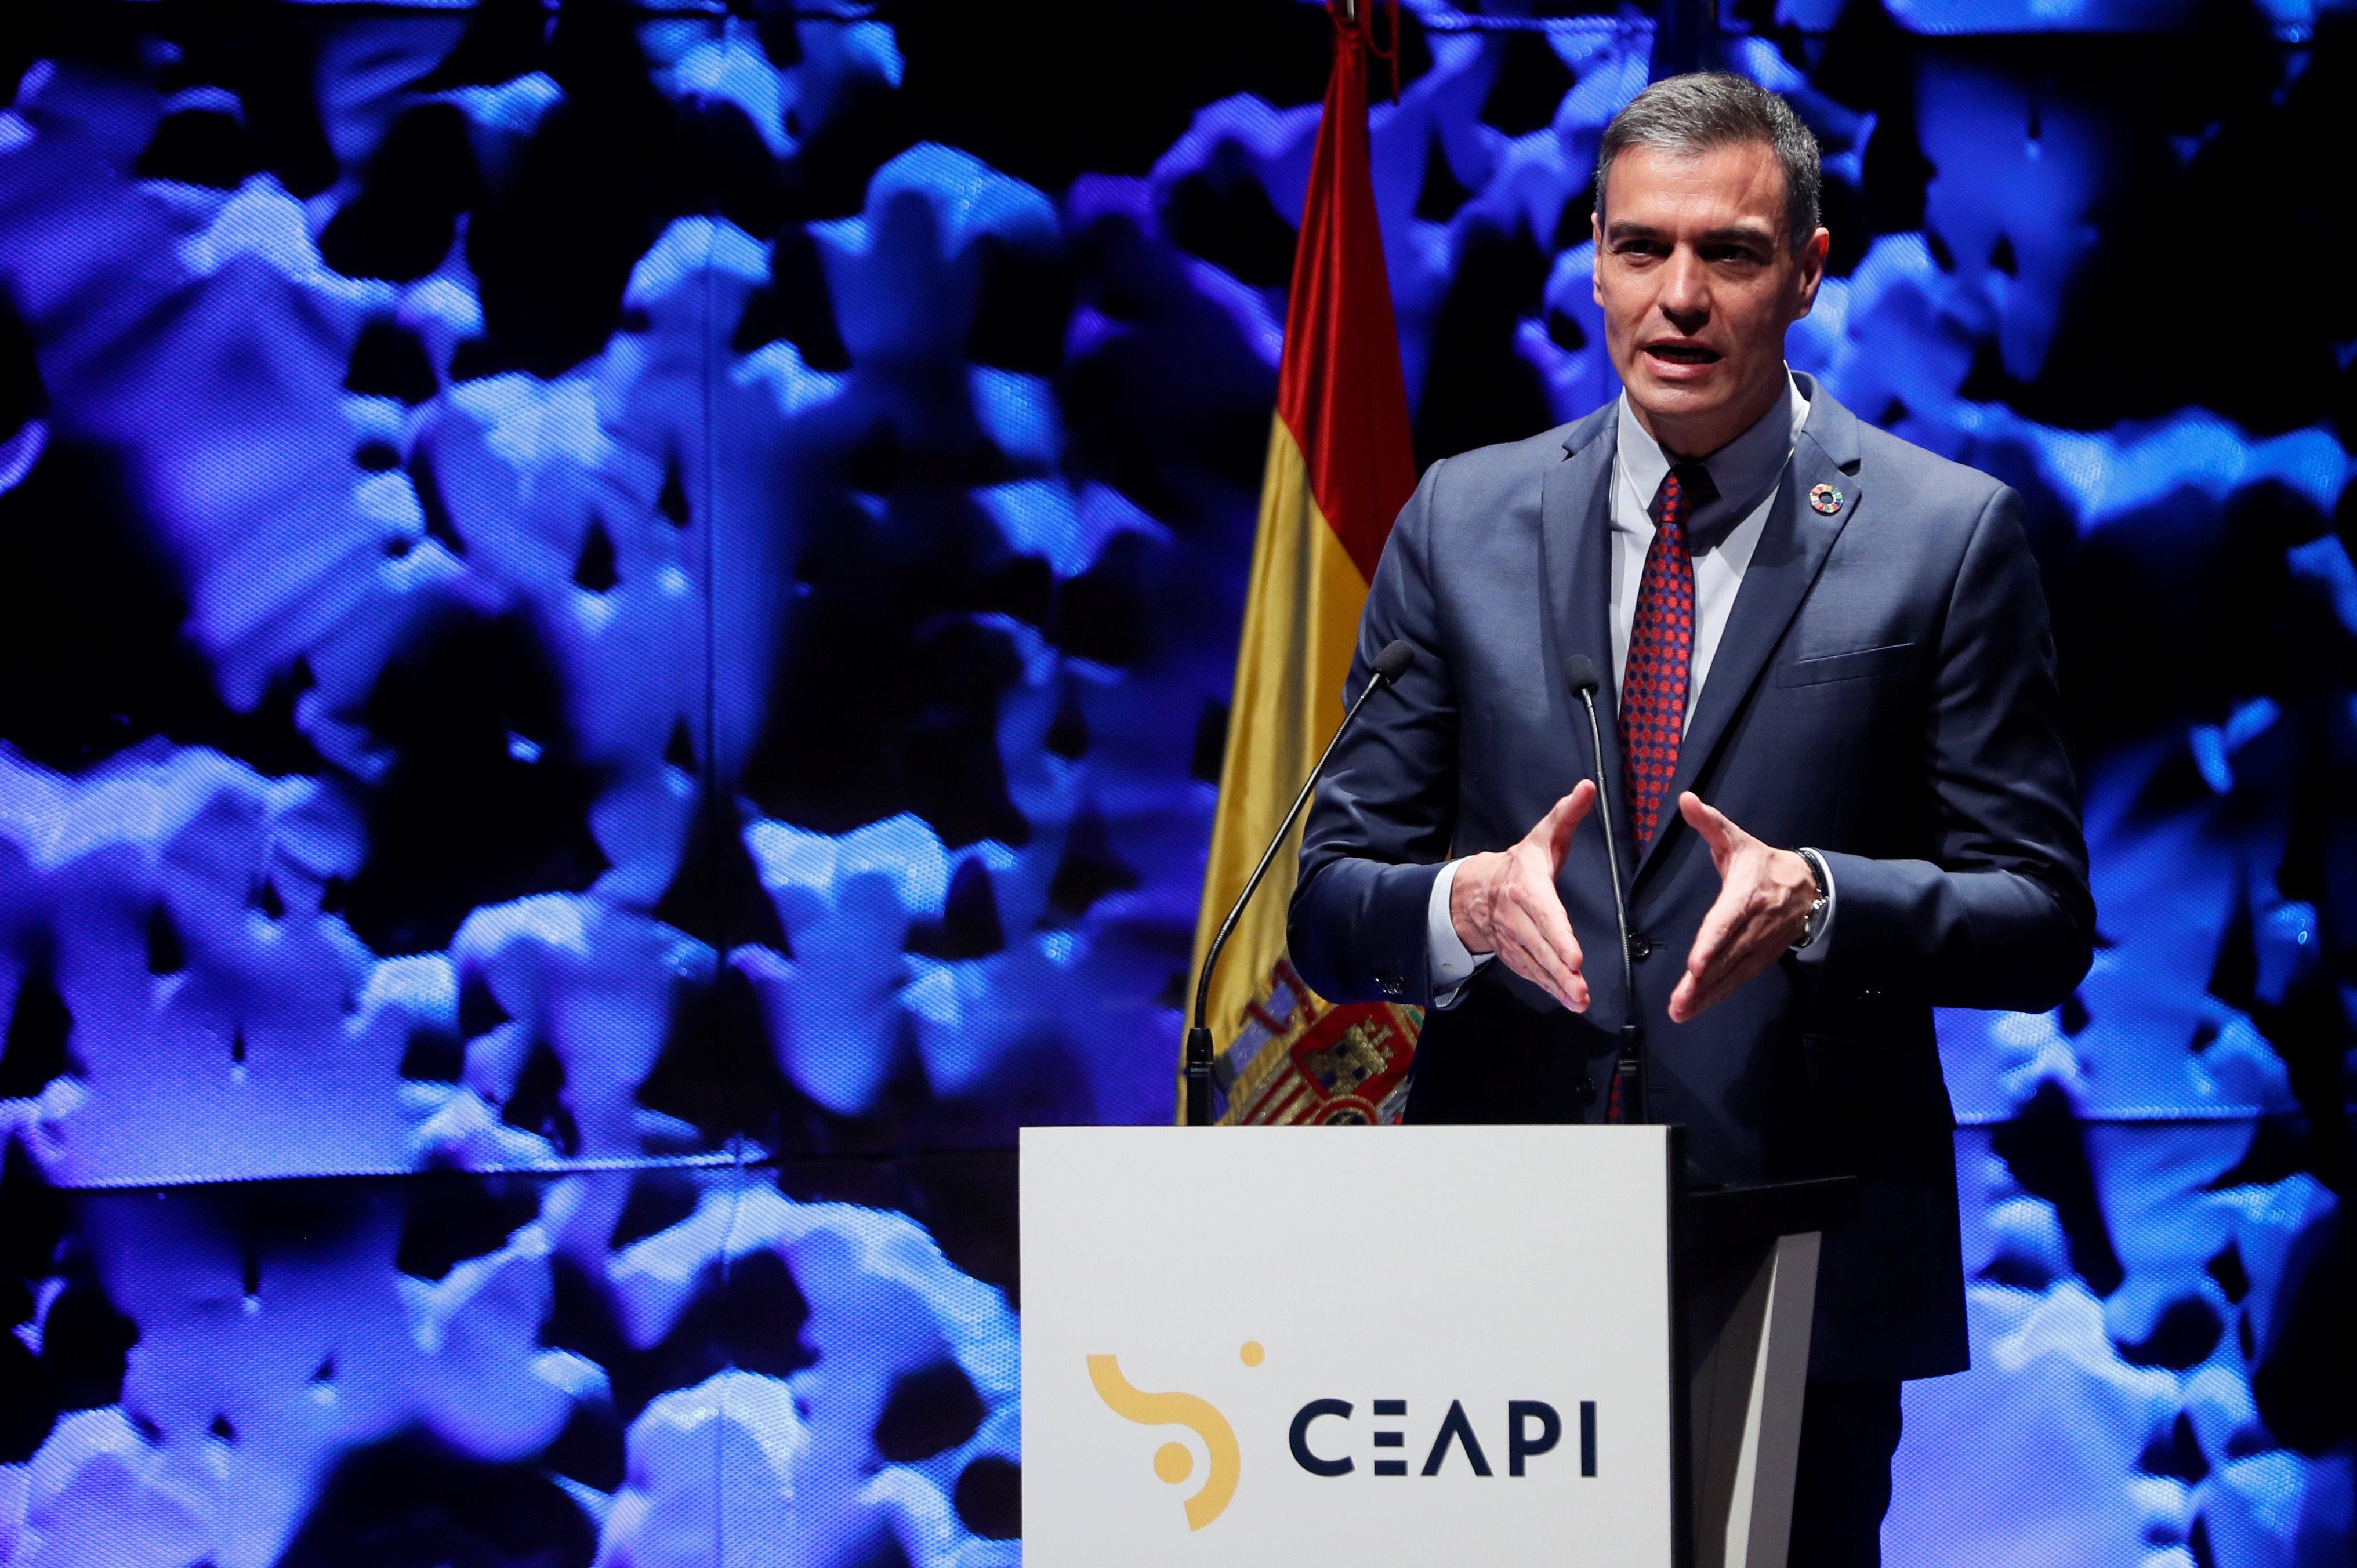 Pedro Sánchez interviene en el IV Congreso Iberoamericano CEAPI.